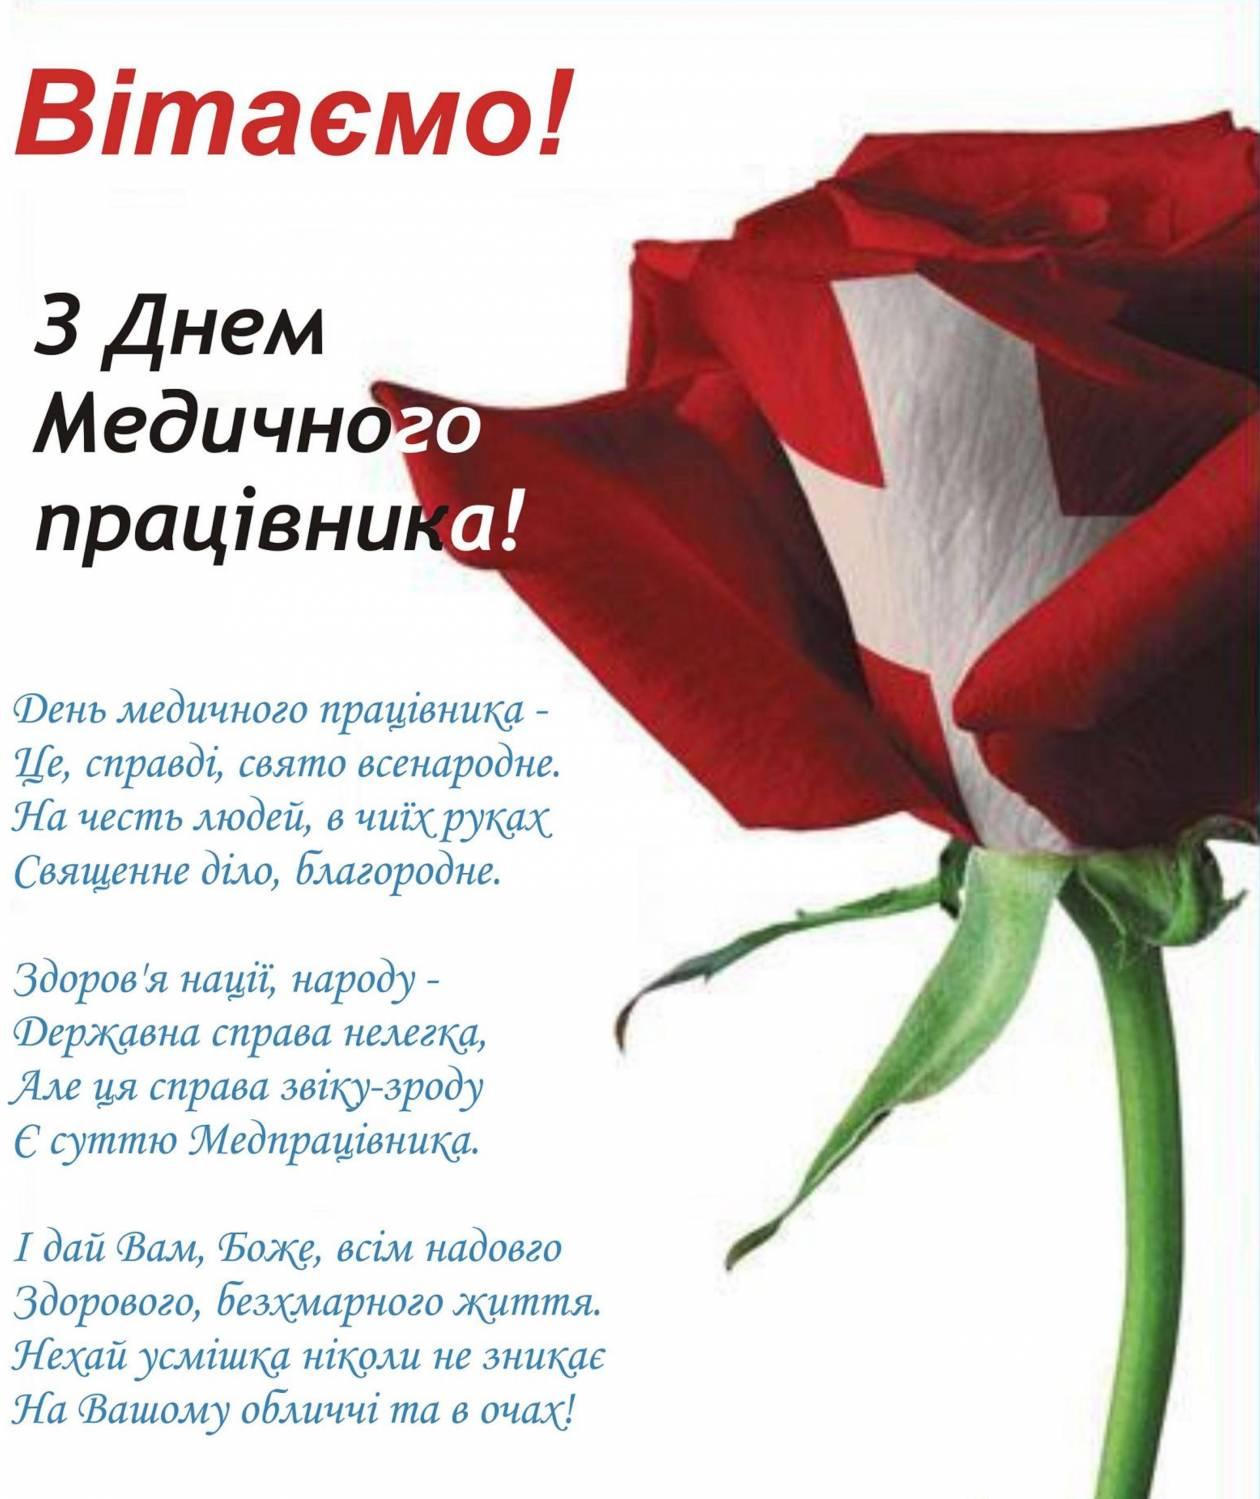 Поздравление к дню медработника на украинском языке